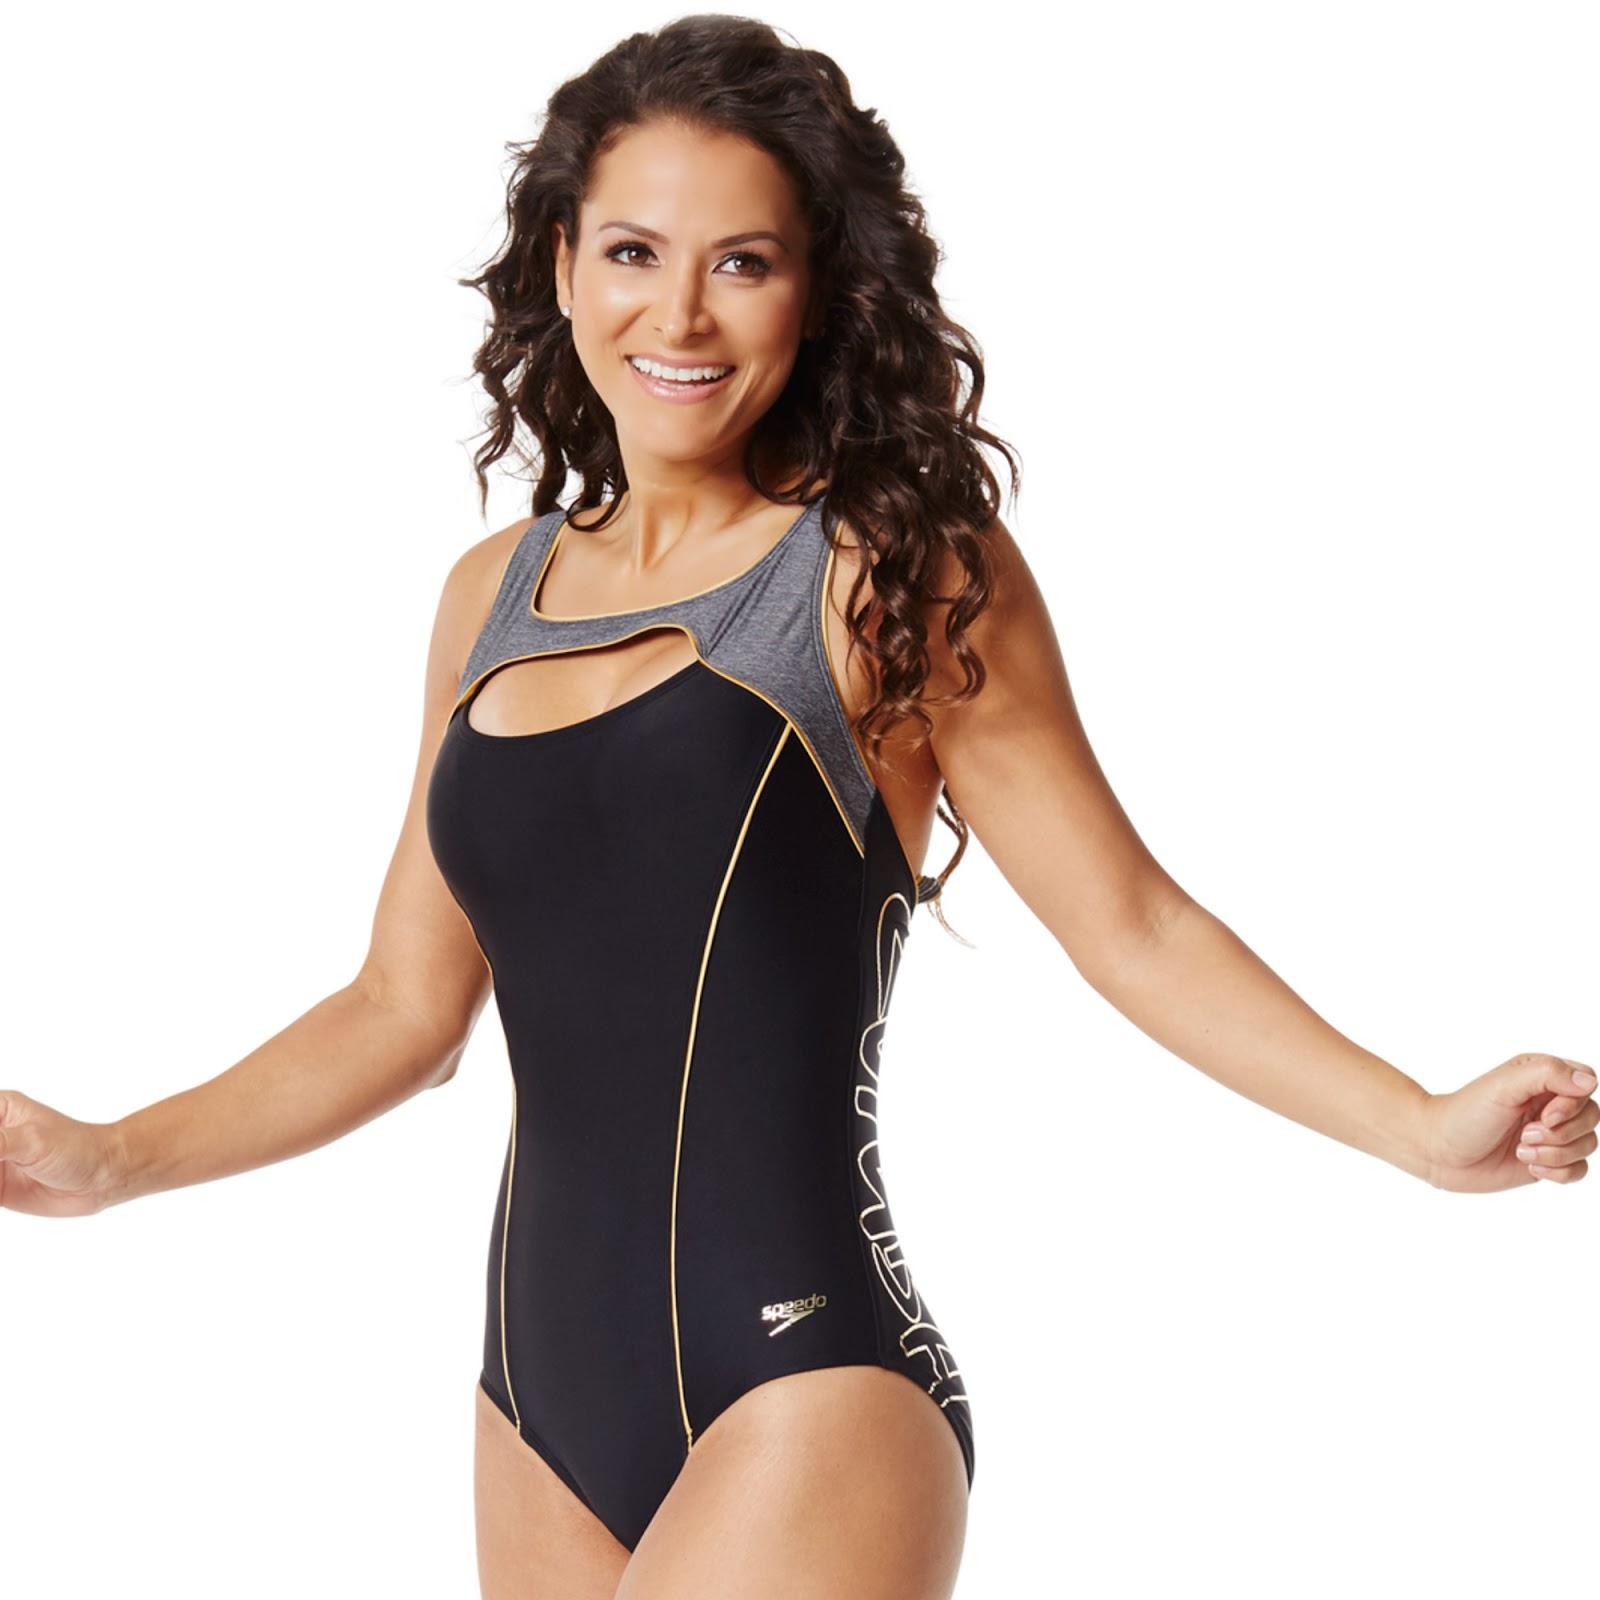 ecaa97e60b The zumba mommy the speedo swimwear collection for zumba jpg 1600x1600  Black speedo cute